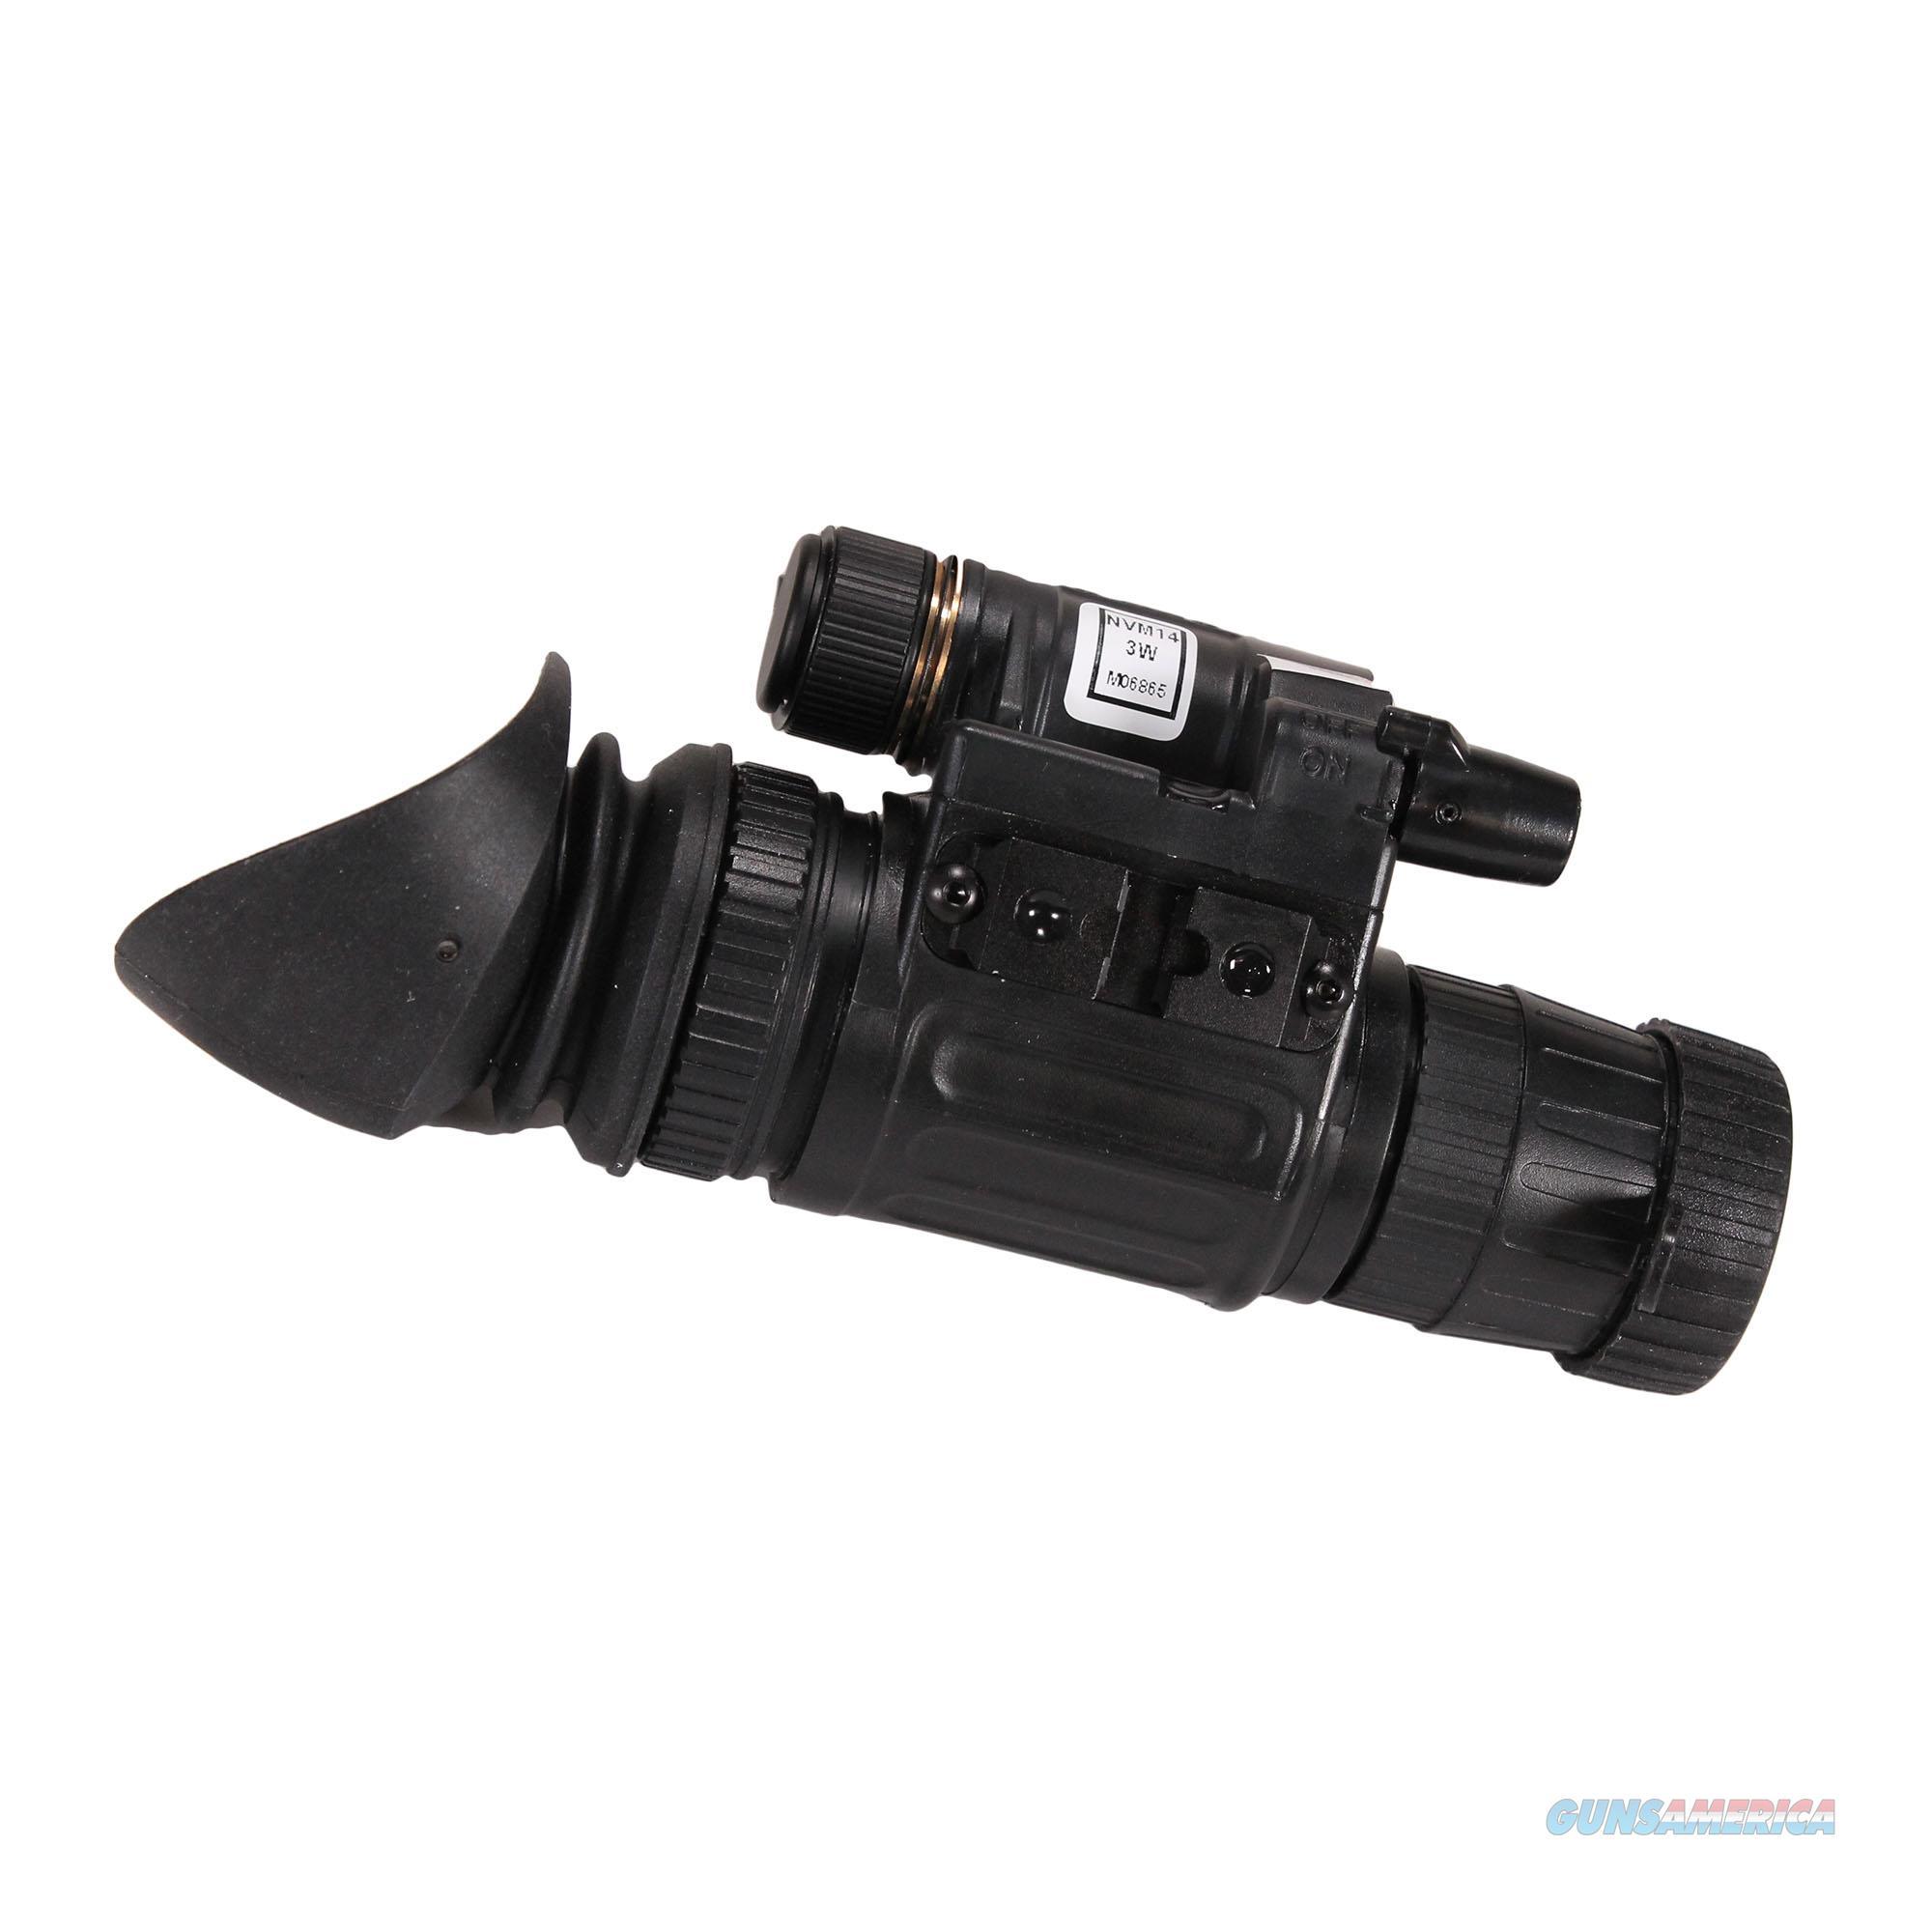 Atn Nvm14-Wpt 3Rd-Gen Multi-Purpose Night Vision Monocular, Matte Black NVMPAN143W  Non-Guns > Night Vision